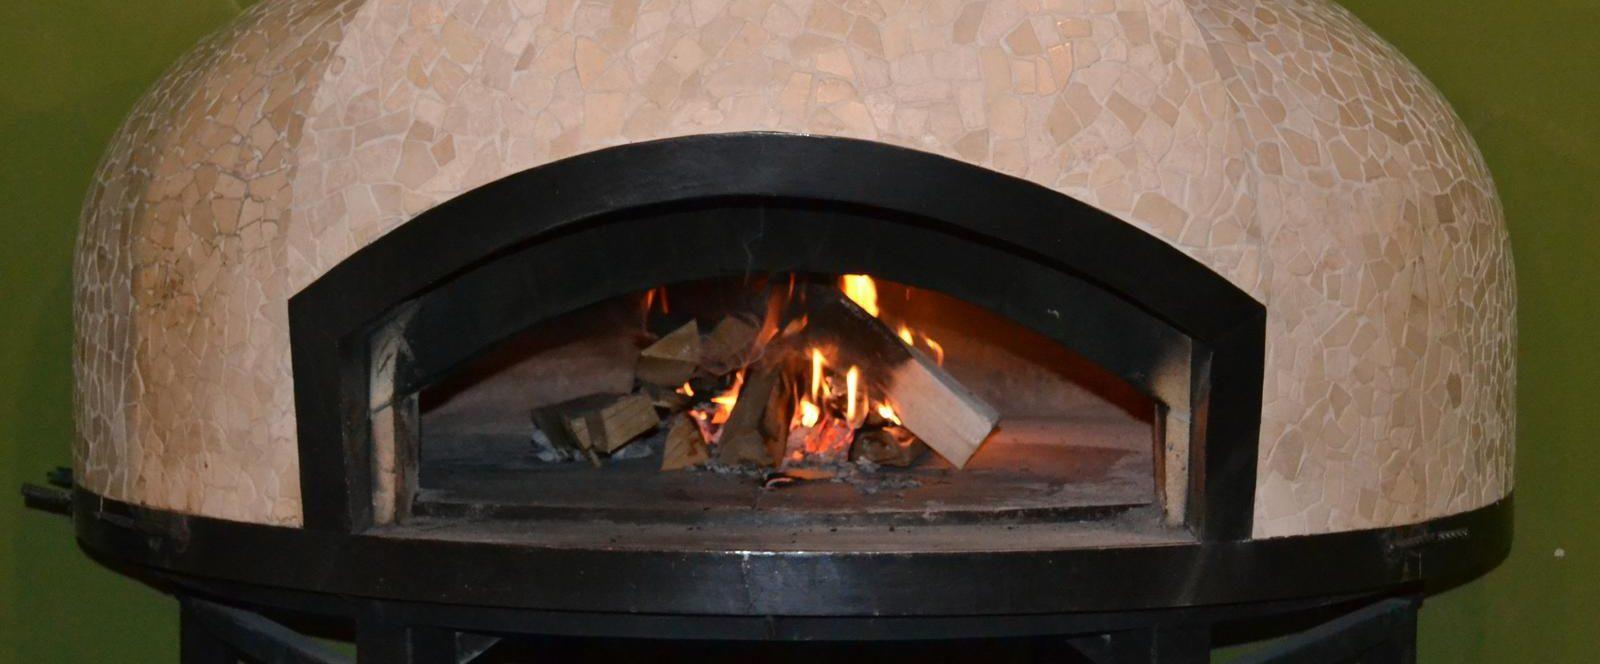 Помпейская печь для своими руками 193